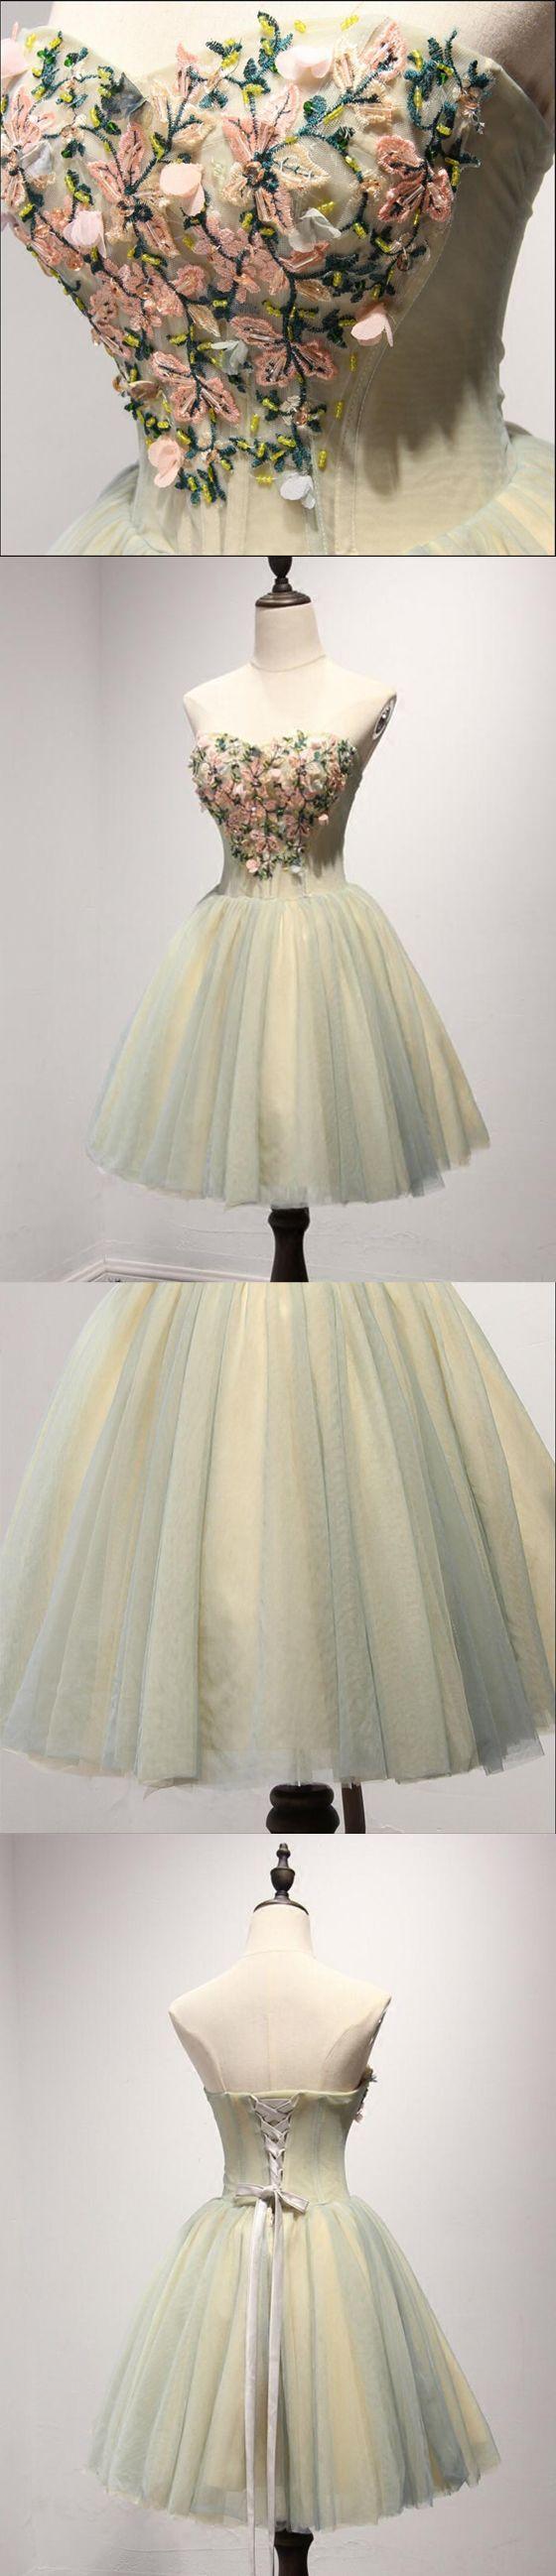 Short homecoming dress sweet heart homecoming dress applique